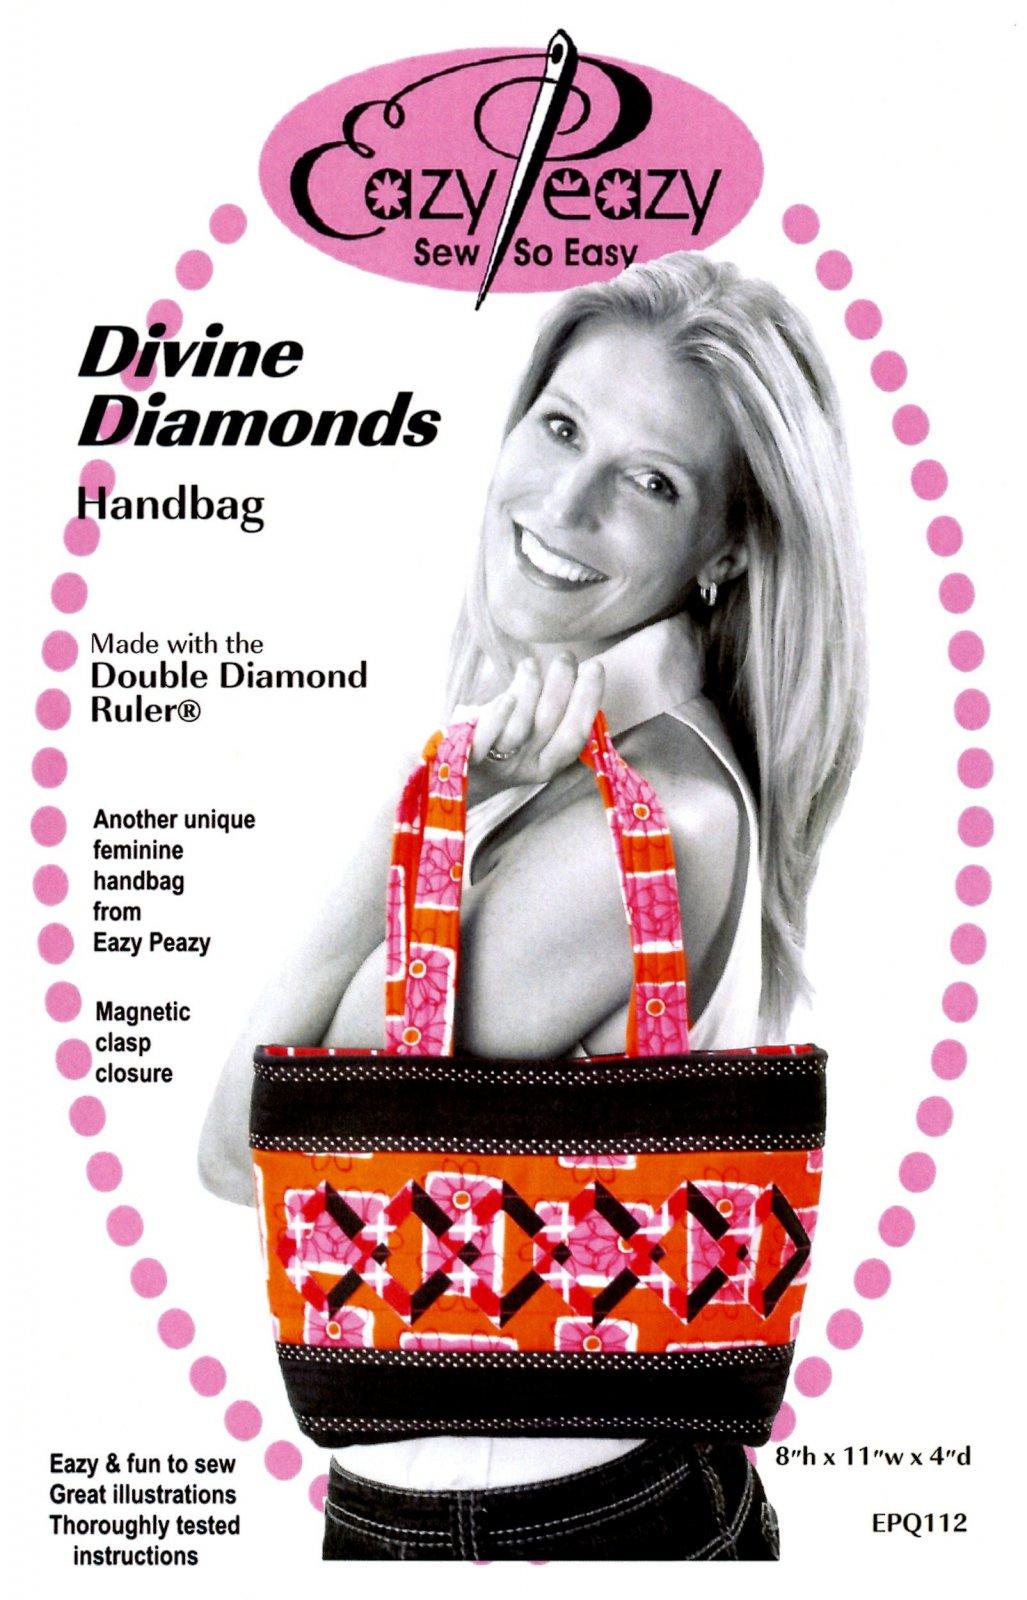 Divine Diamonds Handbag